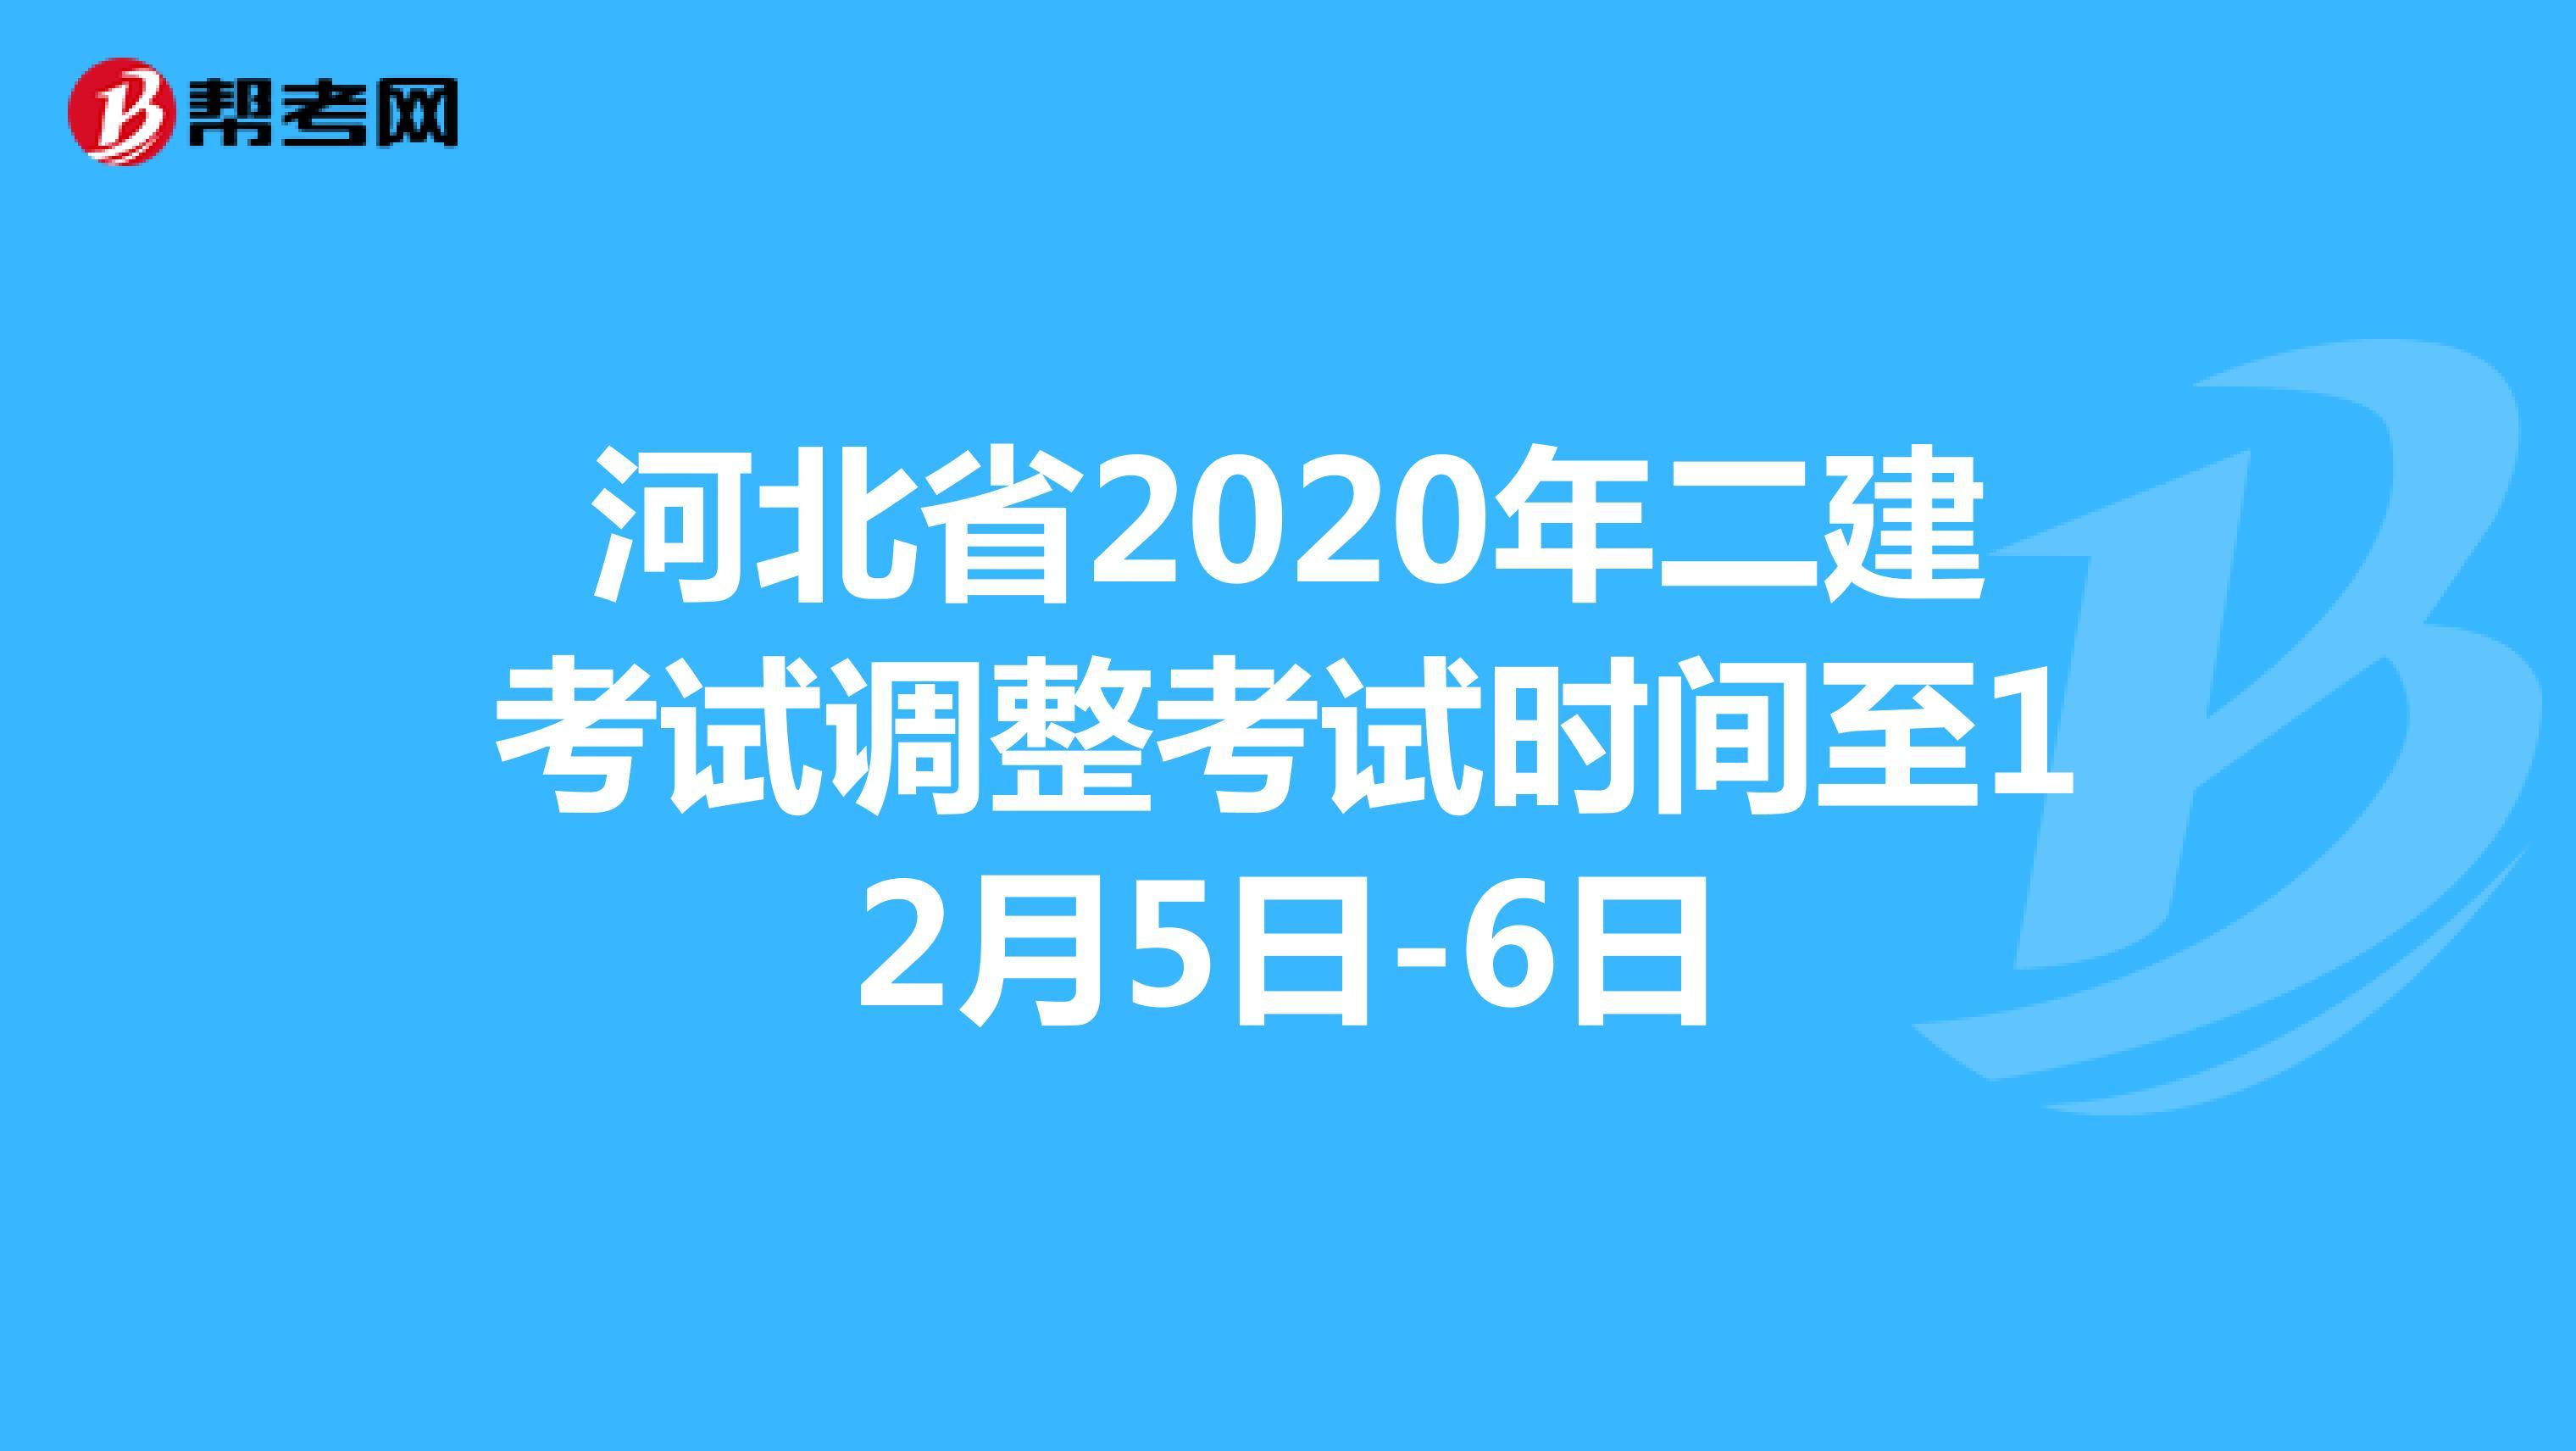 河北省2020年二建考试调整考试时间至12月5日-6日